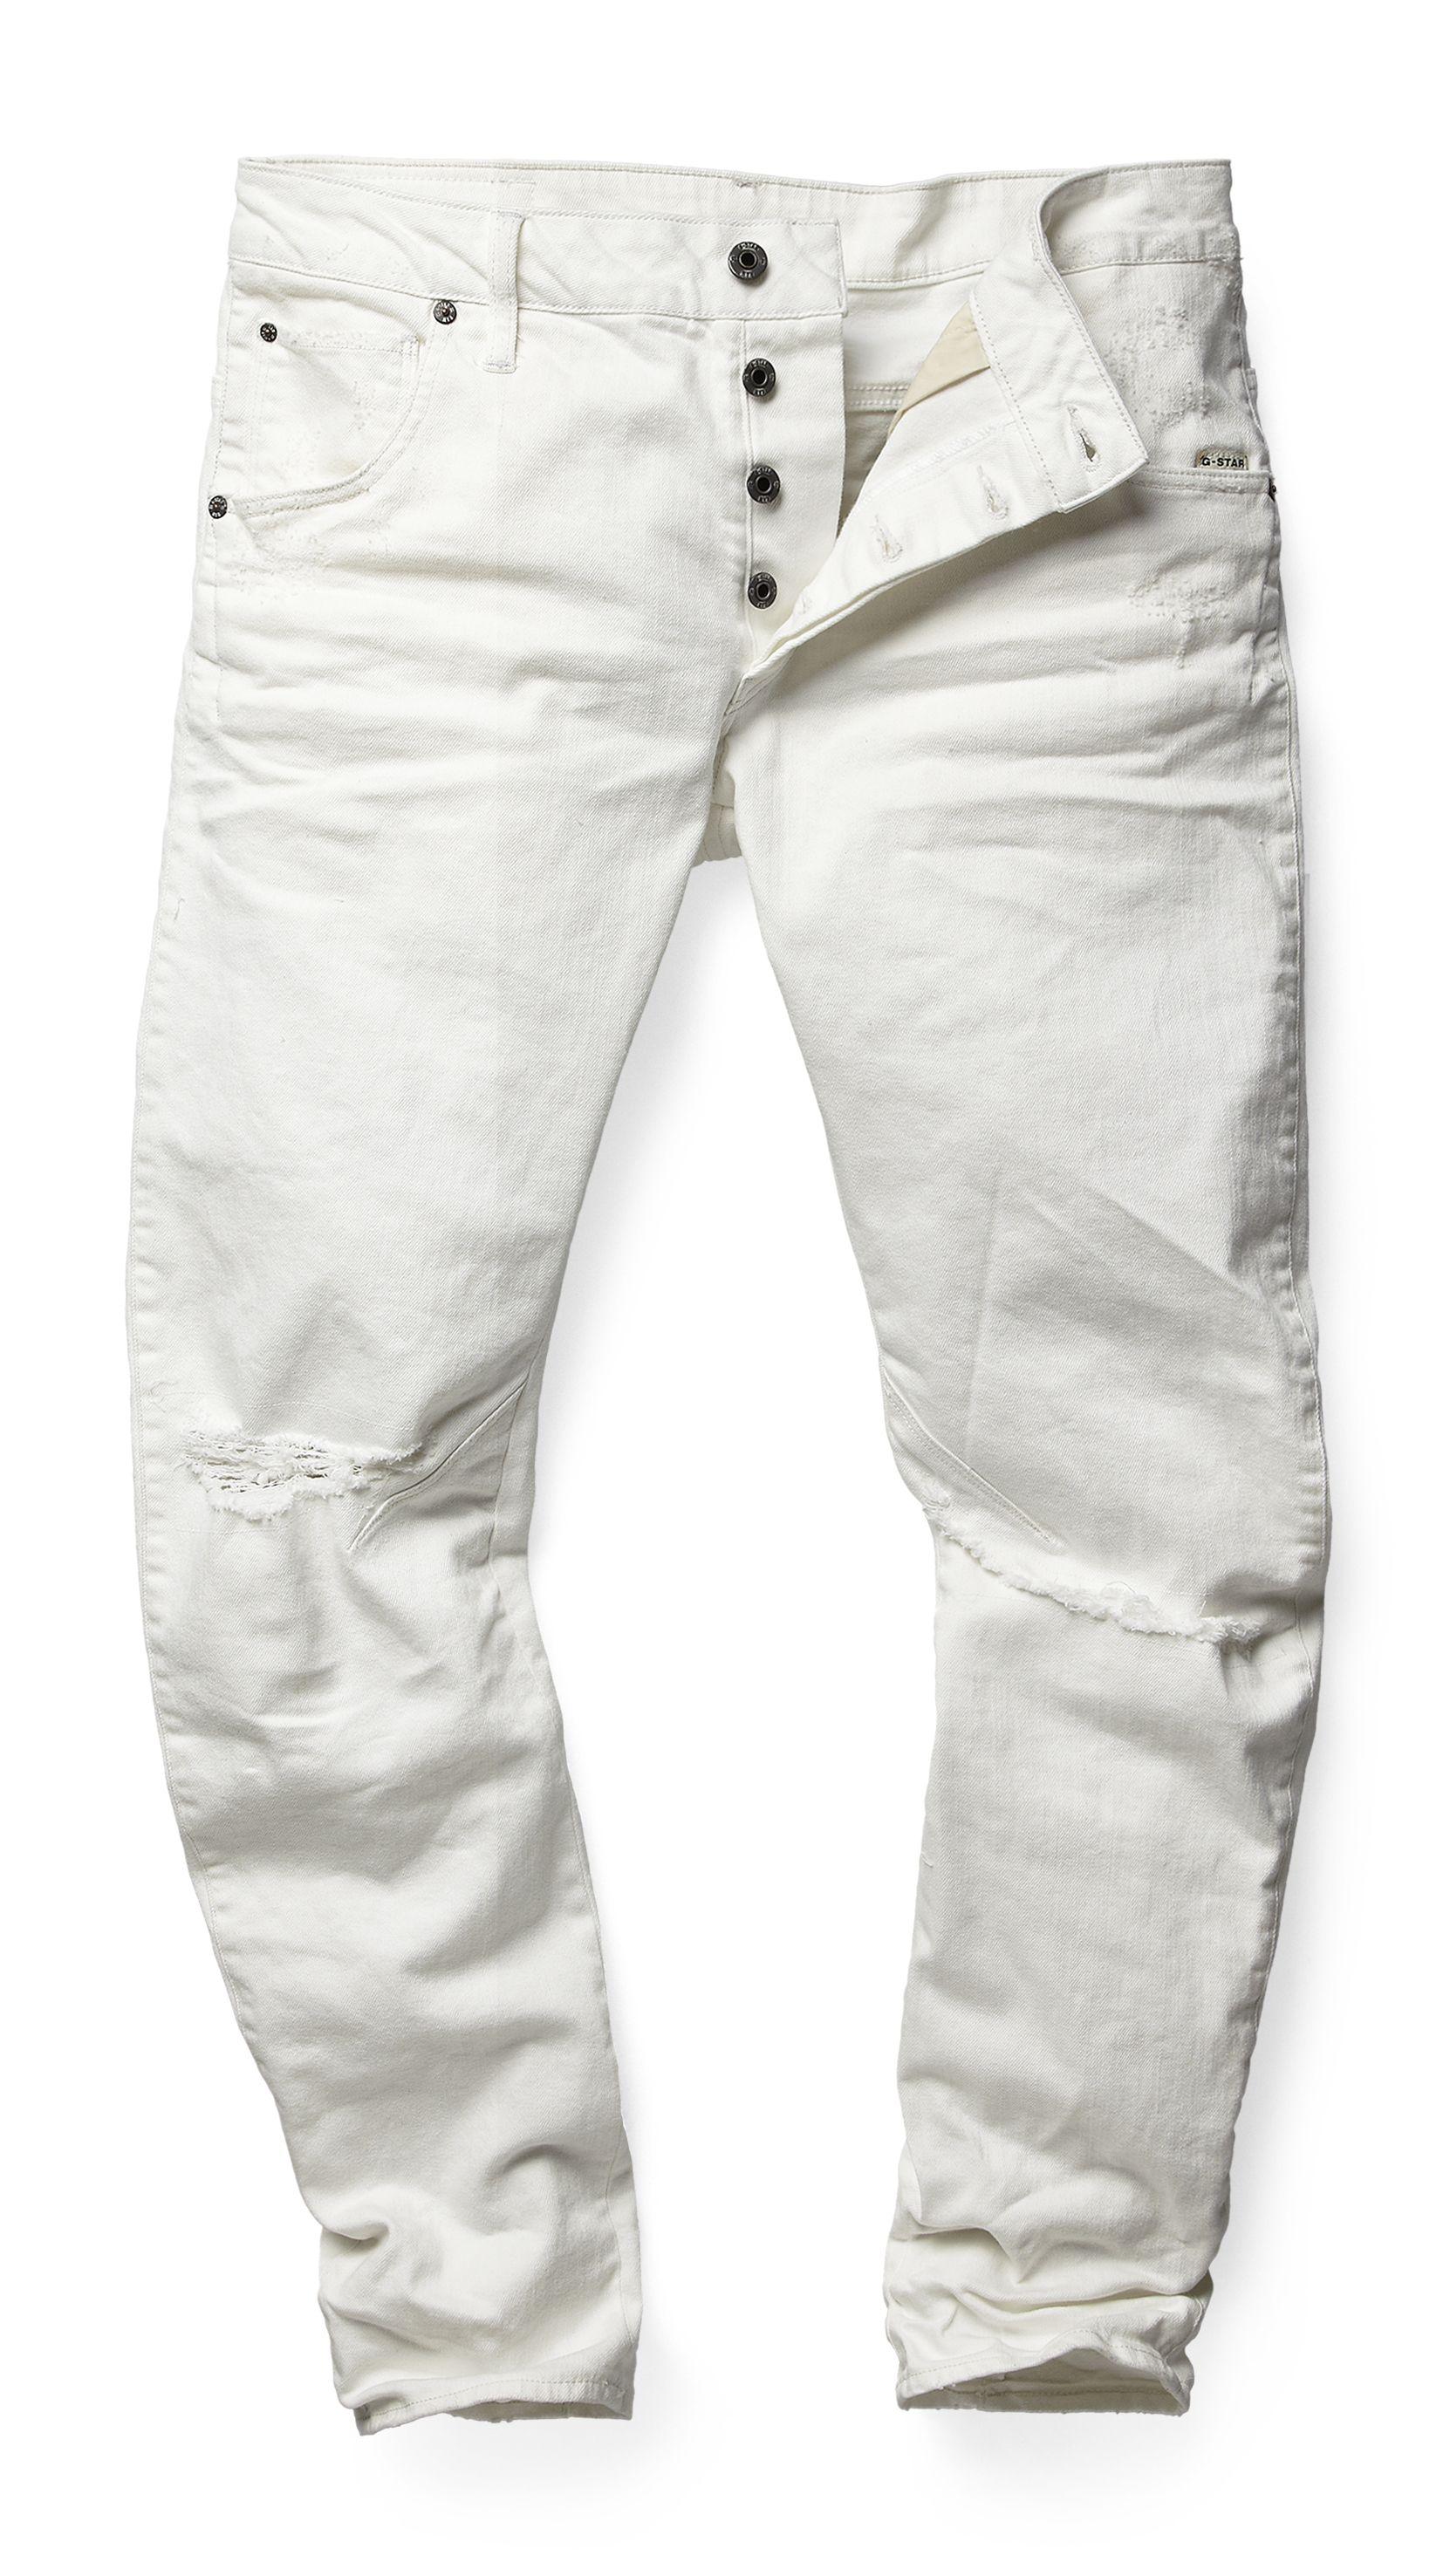 Clothing, Shoes & Accessories Jeans Jeans Denim G Star Arc 3d Slim Mens Trouser Pants Bottoms Wide Varieties